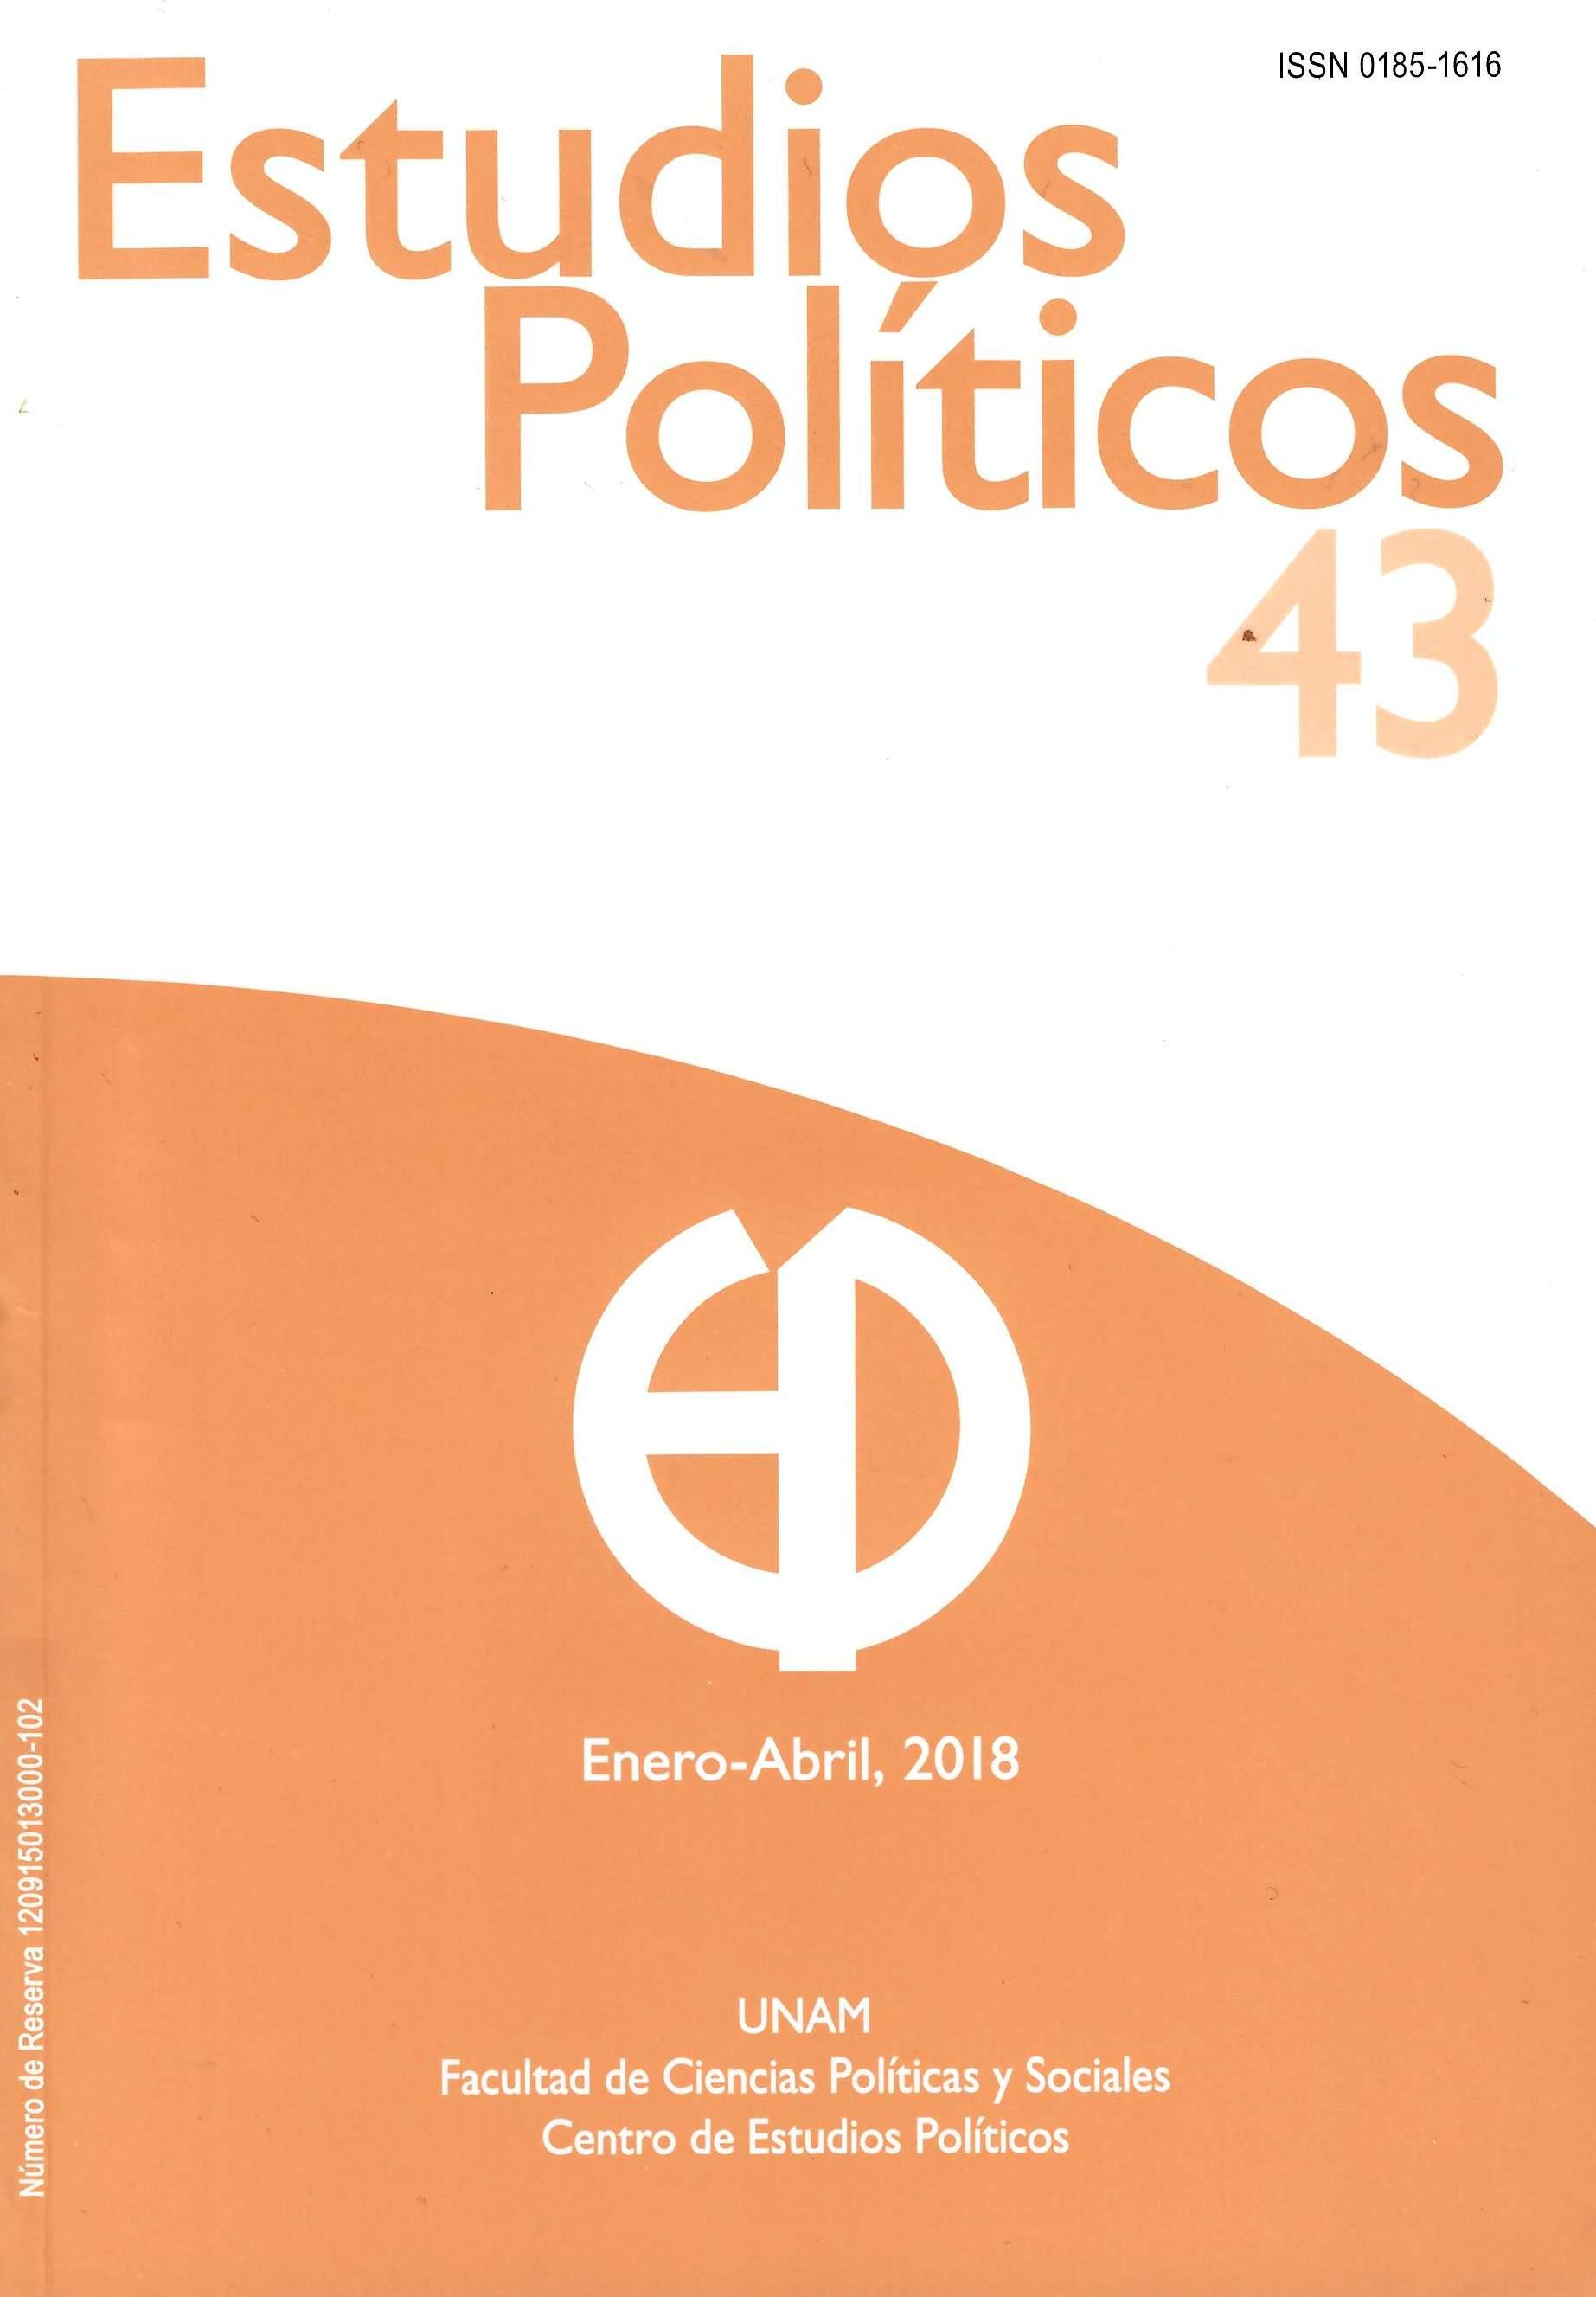 Estudios políticos 43, enero-abril, 2018